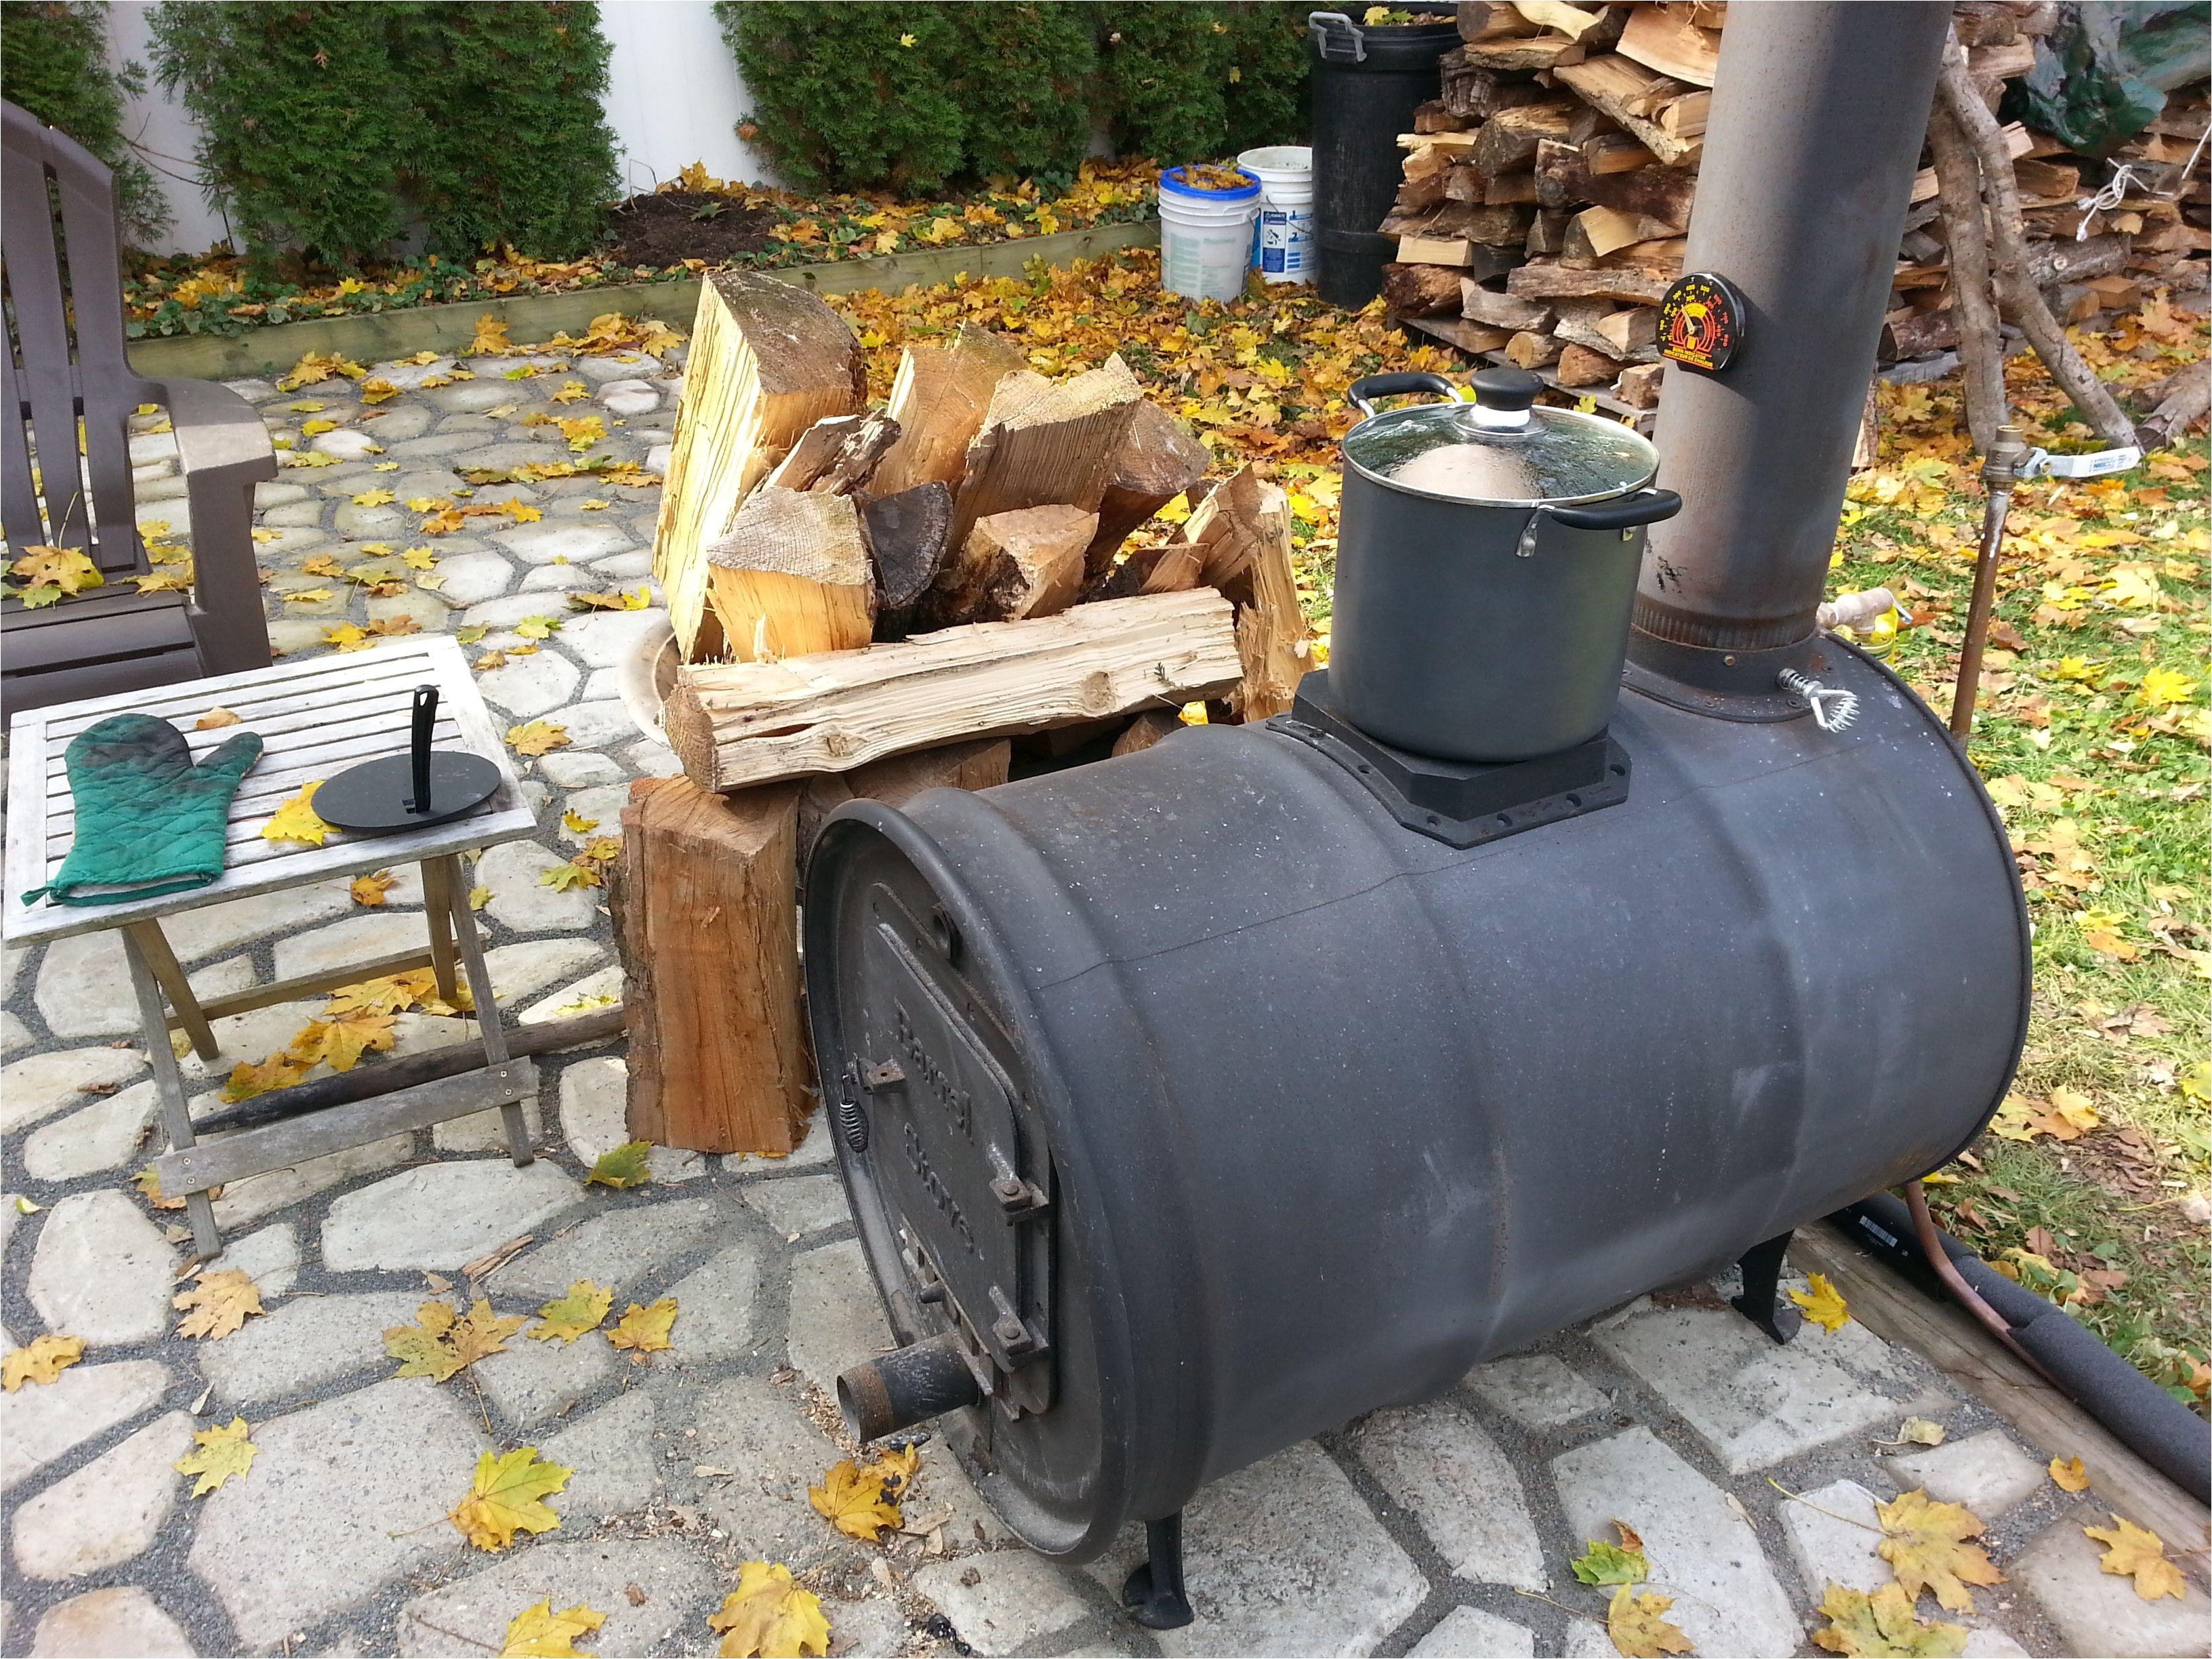 55 Gallon Drum Fireplace Kit Barrel Stove 55 Gallon Drum Stove Kit Barrel Stove Kit Outdoor